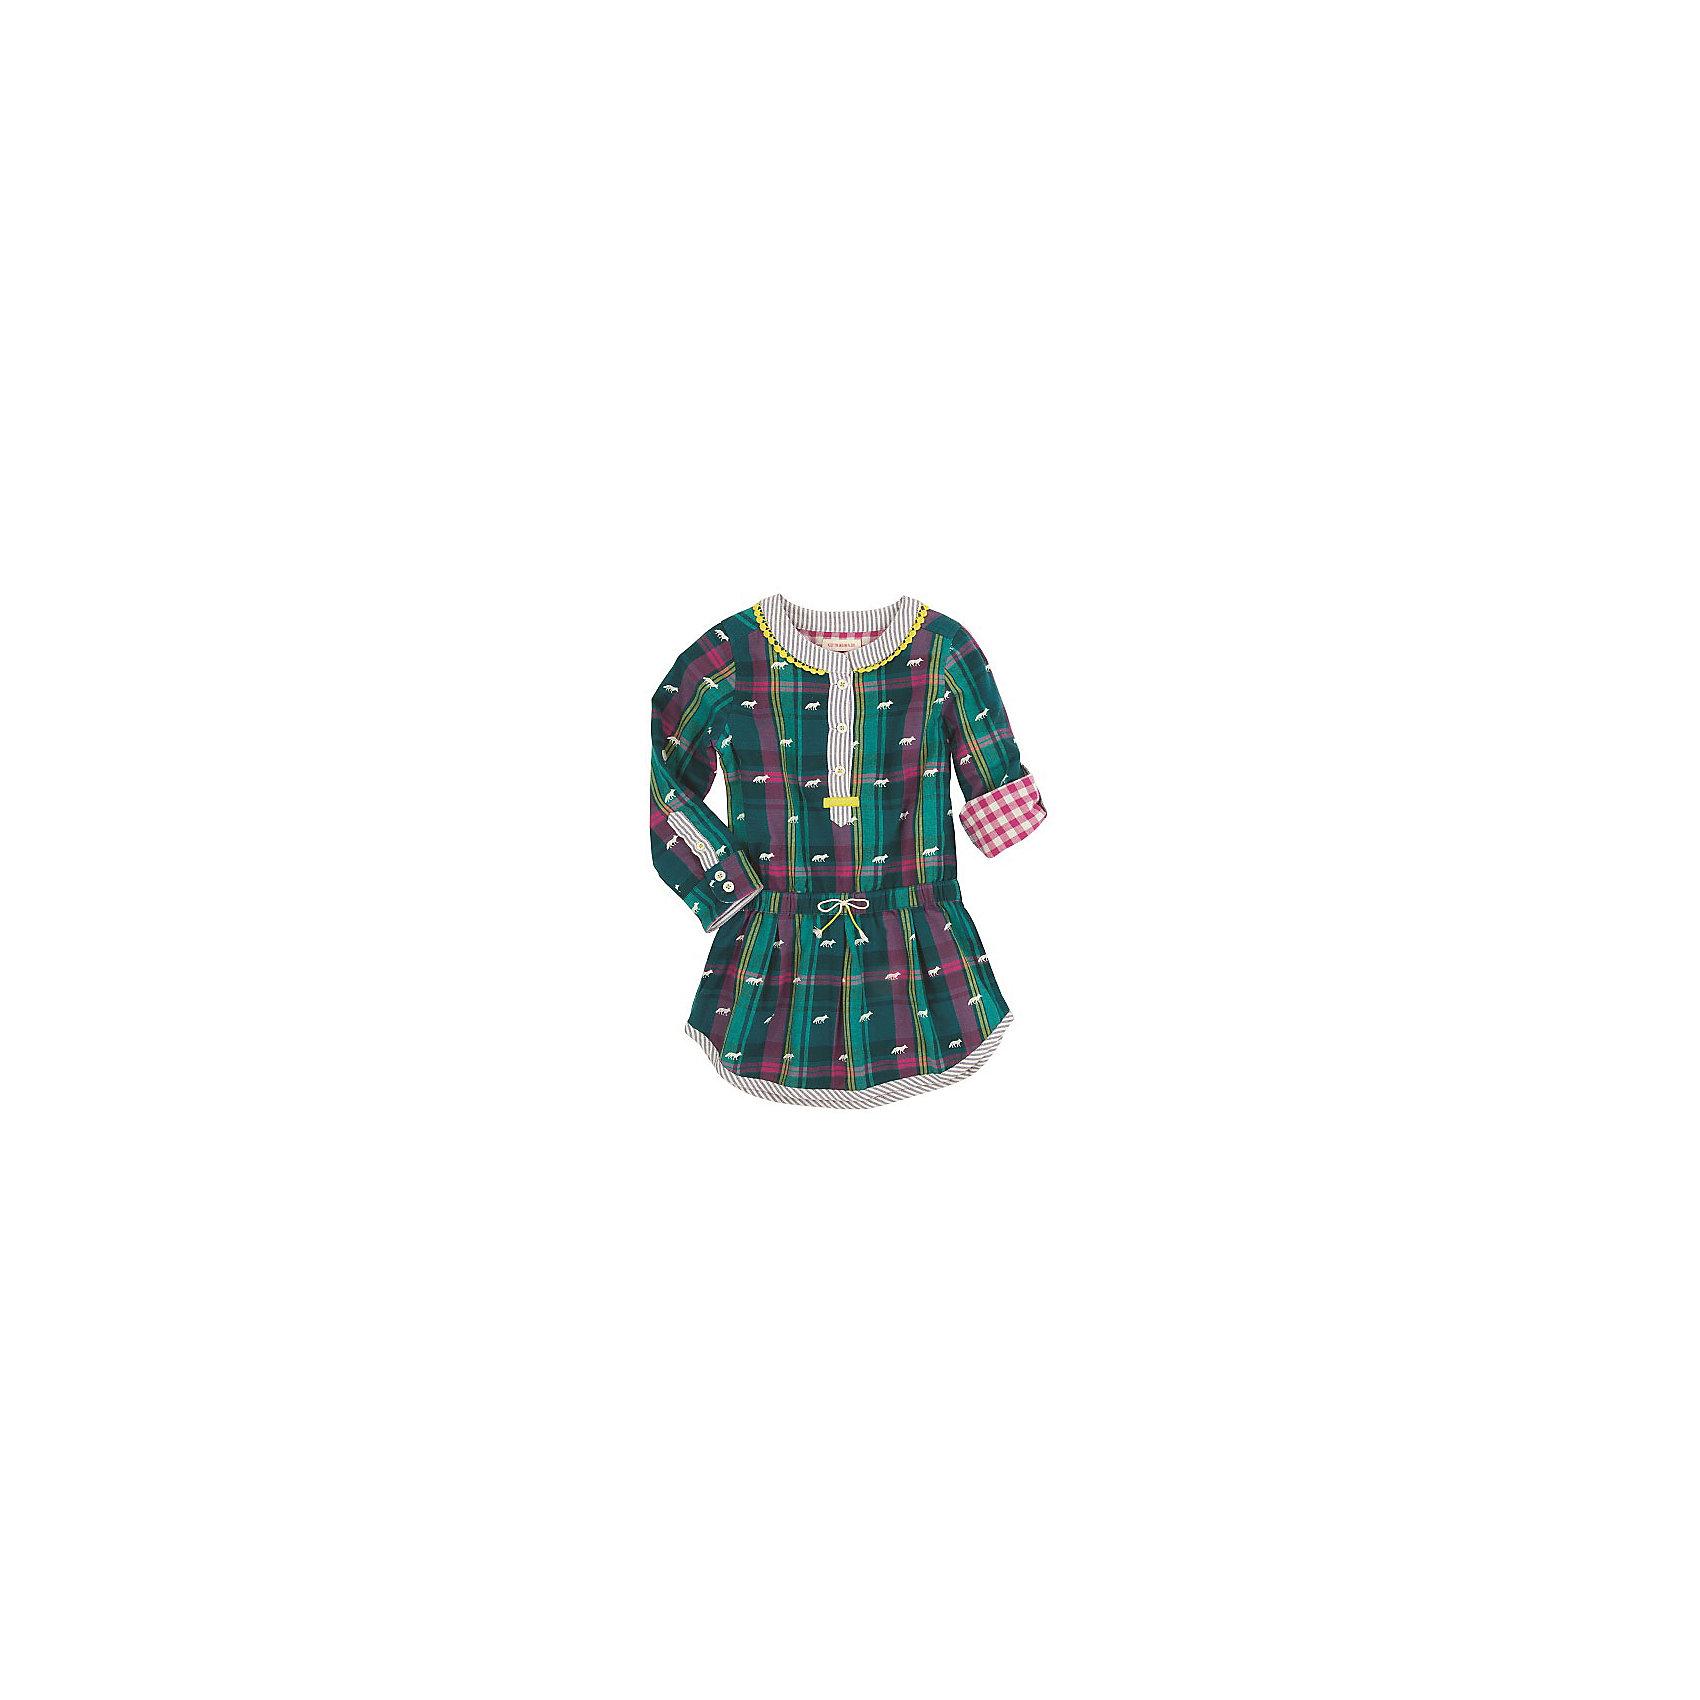 Платье для девочки HatleyПлатья и сарафаны<br>Платье для девочки Hatley<br><br>Характеристики:<br><br>• Состав: 100% хлопок<br>• Цвет: зеленый<br><br>Очаровательное дизайнерское платье не оставит равнодушным маленькую принцессу. Сделано из 100% хлопка, а значит не принесет дискомфорт ребенку. Рукава можно подворачивать и прикреплять за пуговку. Платье сделано по типу: юбка + рубашка на пуговках до середины груди, что делает юную леди взрослой и очень стильной. Милый принт с яблочками идеально сочетается с любой обувью и колготками. Воздушная юбочка украшена маленьким бантиком на резинке.<br><br>Платье для девочки Hatley можно купить в нашем интернет-магазине.<br><br>Ширина мм: 236<br>Глубина мм: 16<br>Высота мм: 184<br>Вес г: 177<br>Цвет: зеленый<br>Возраст от месяцев: 36<br>Возраст до месяцев: 48<br>Пол: Женский<br>Возраст: Детский<br>Размер: 104,122,128,110,116<br>SKU: 5020853